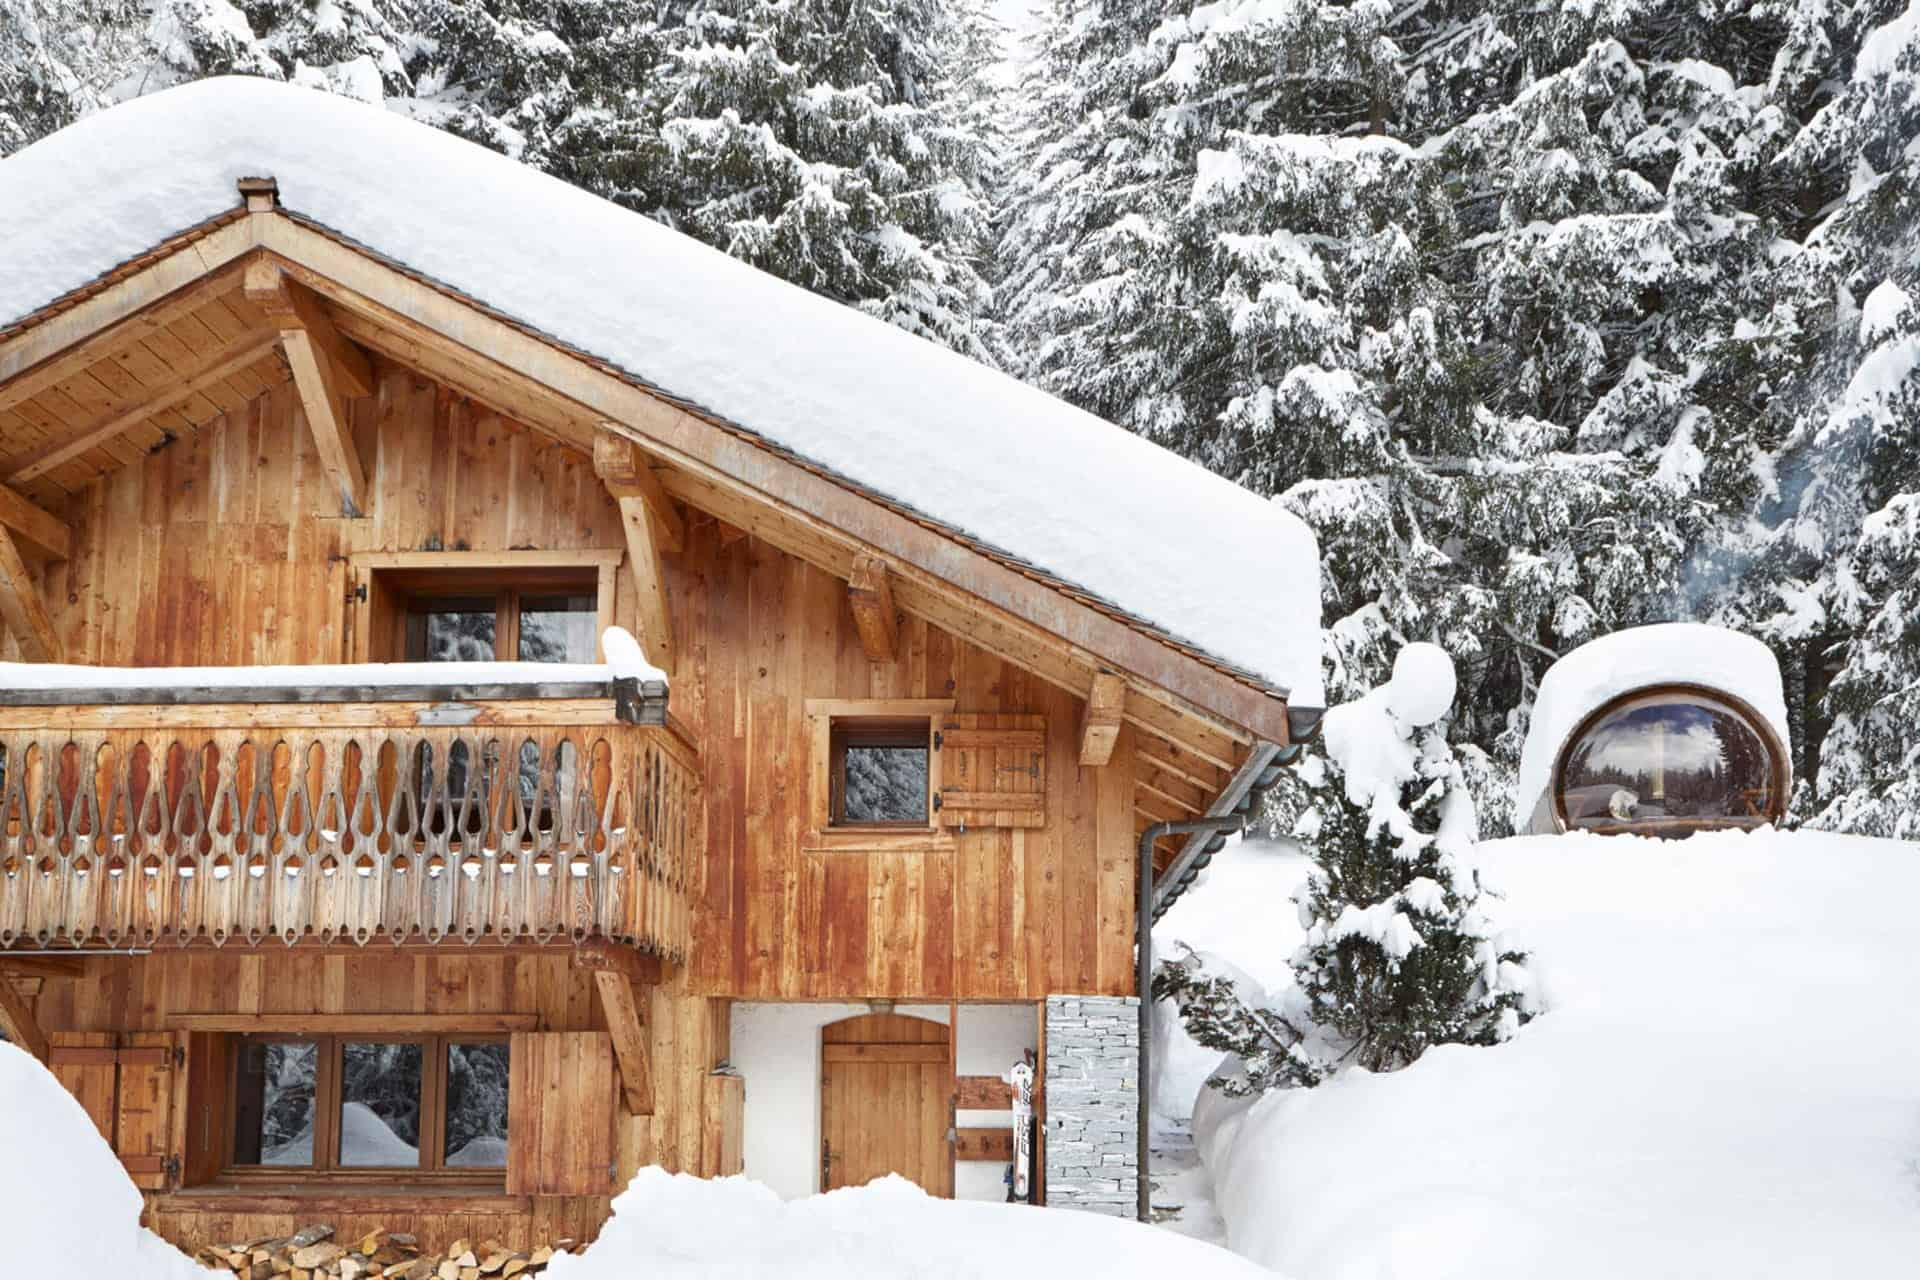 Chamonix Chalets Chamonix Luxury Ski Chalet Holidays